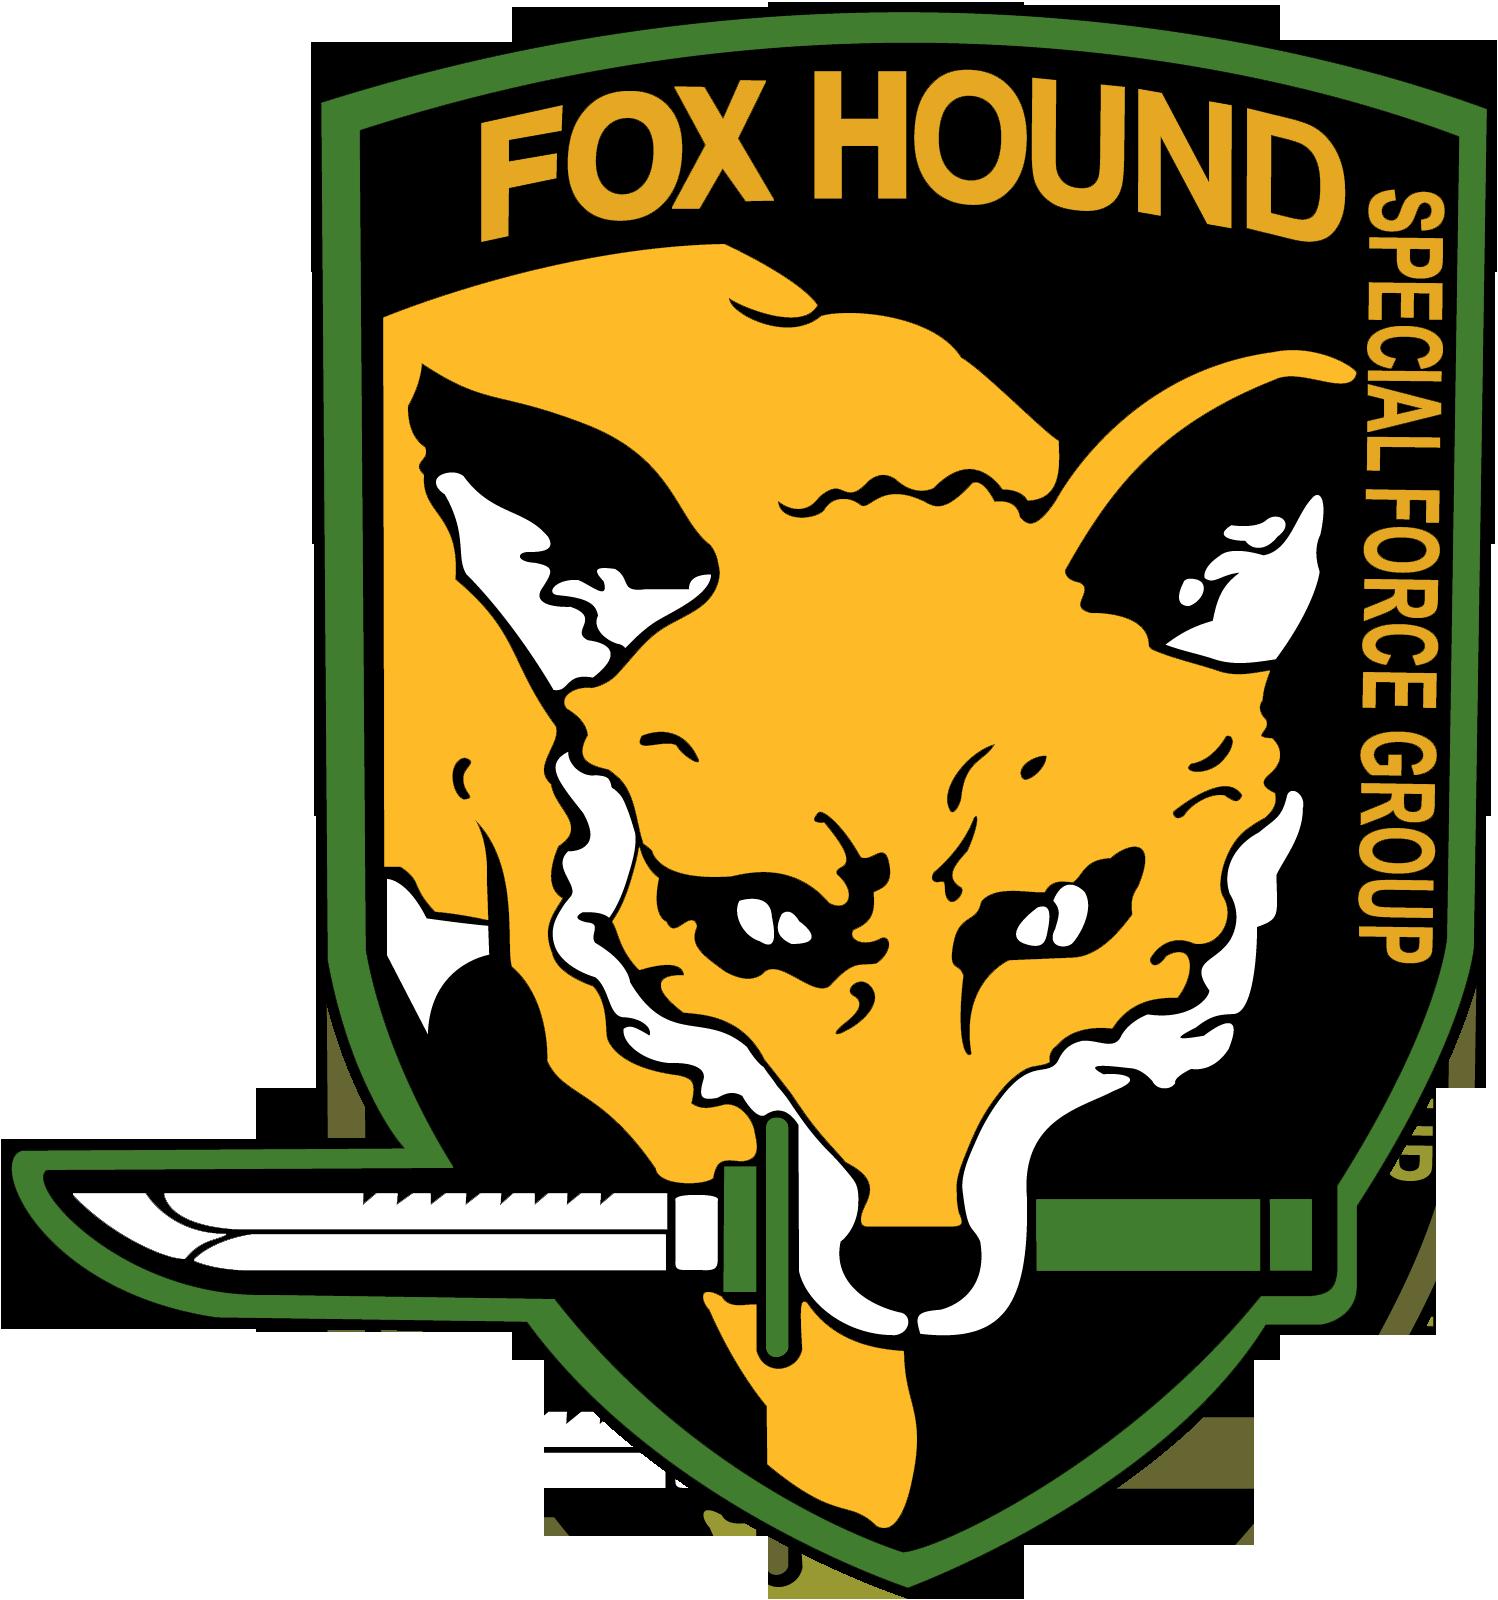 FOXHOUND-FOXHOUND-10